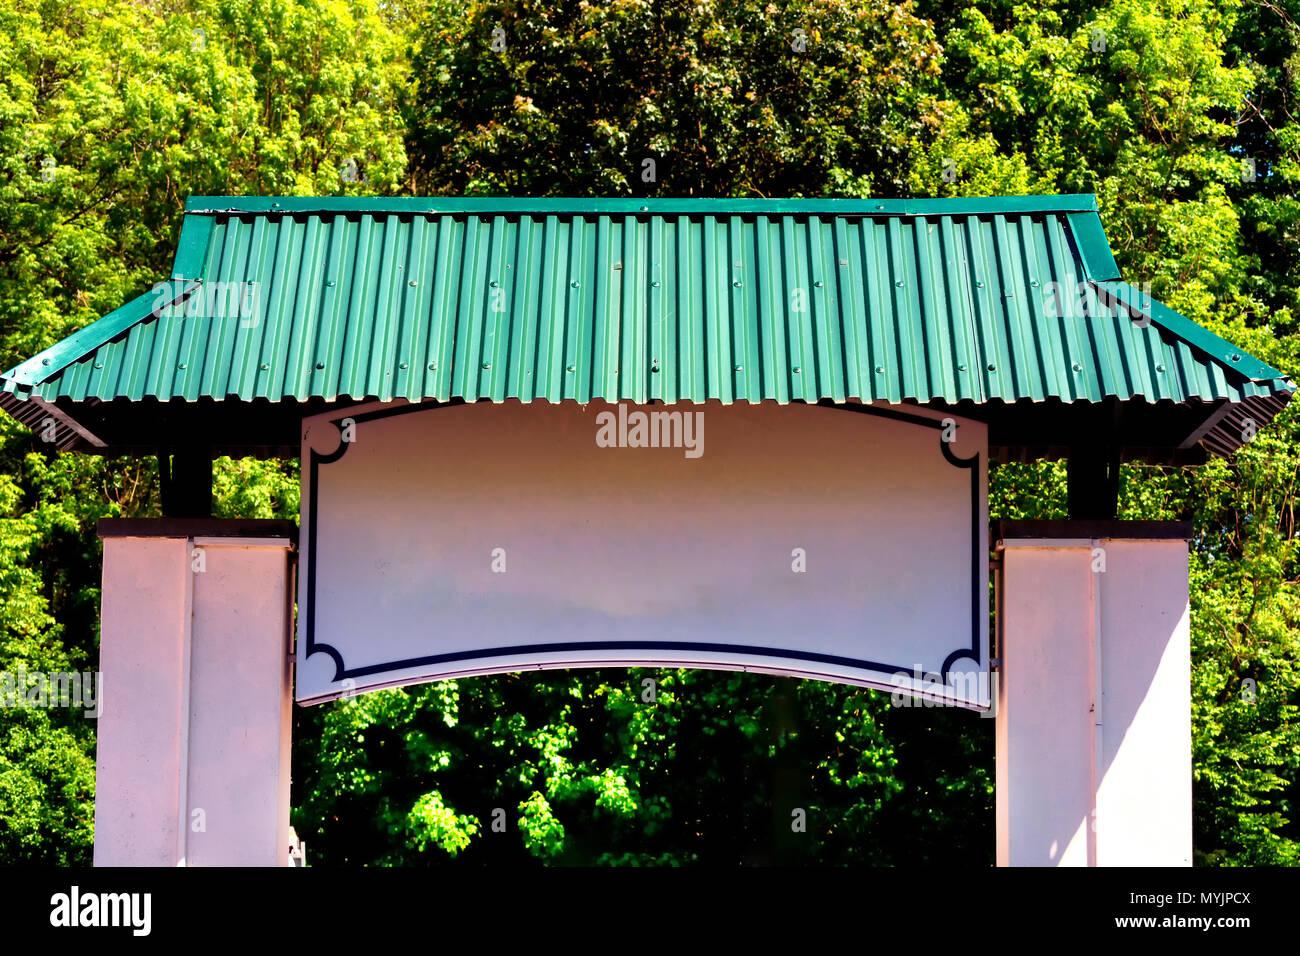 Eingangstor im Pagodenstil zu einem schönen chinesischen Garten - Stock Image